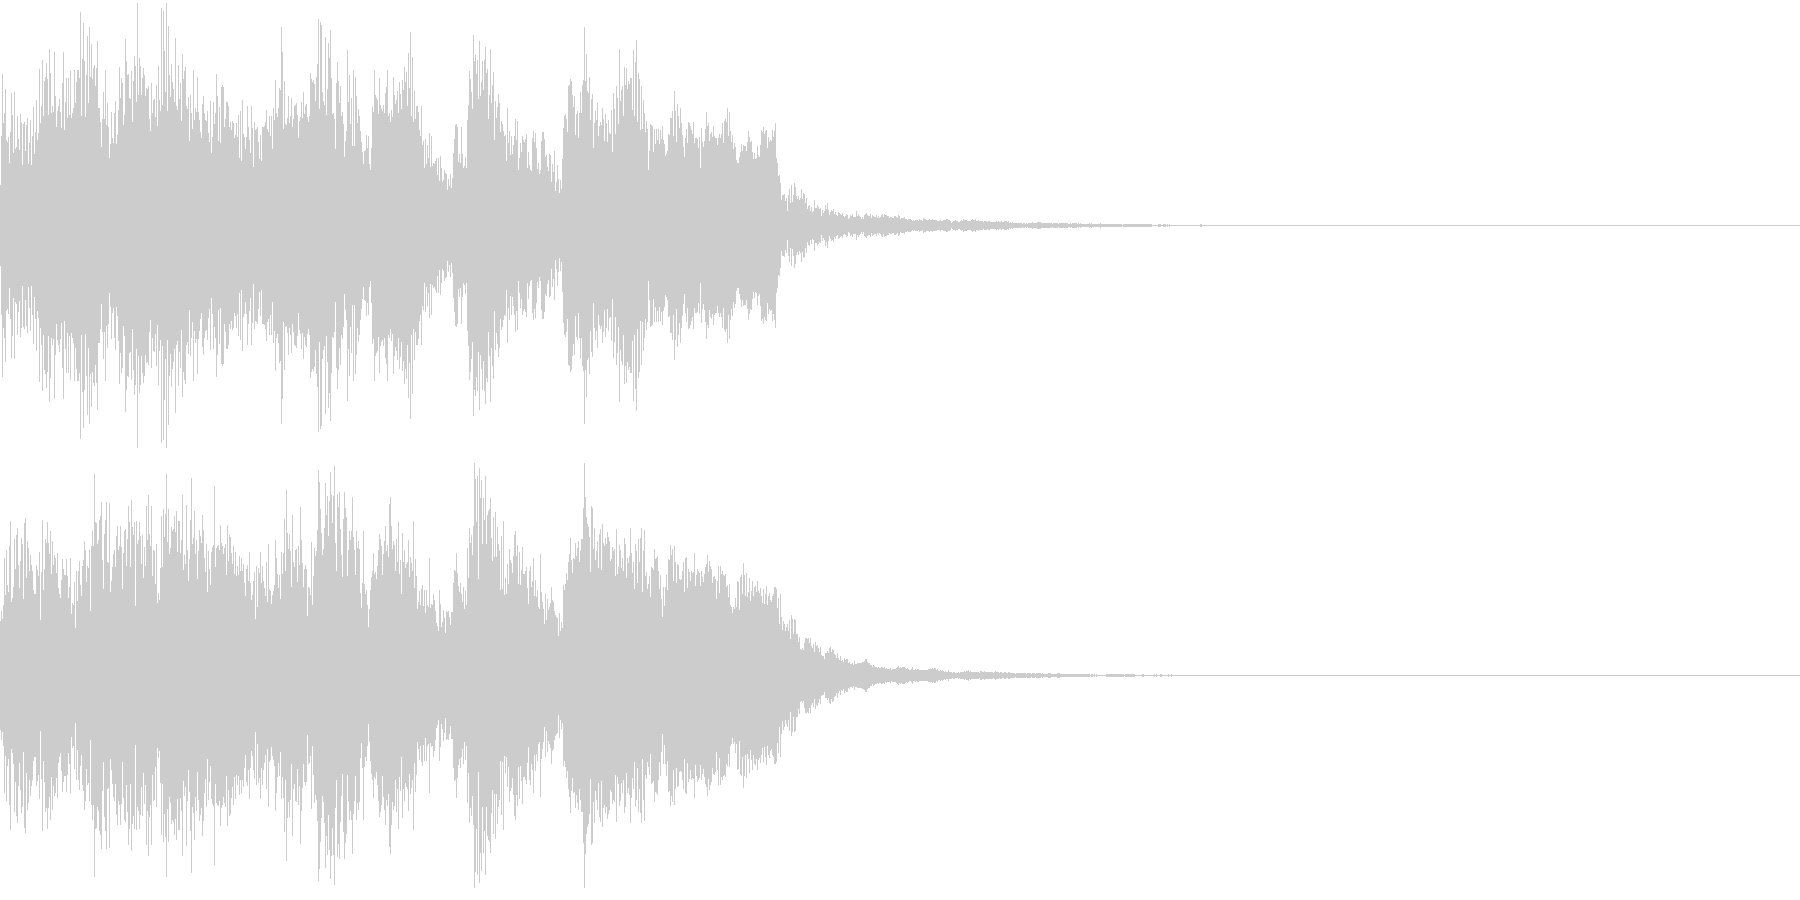 ファンファーレ アイテム レベルアップGの未再生の波形